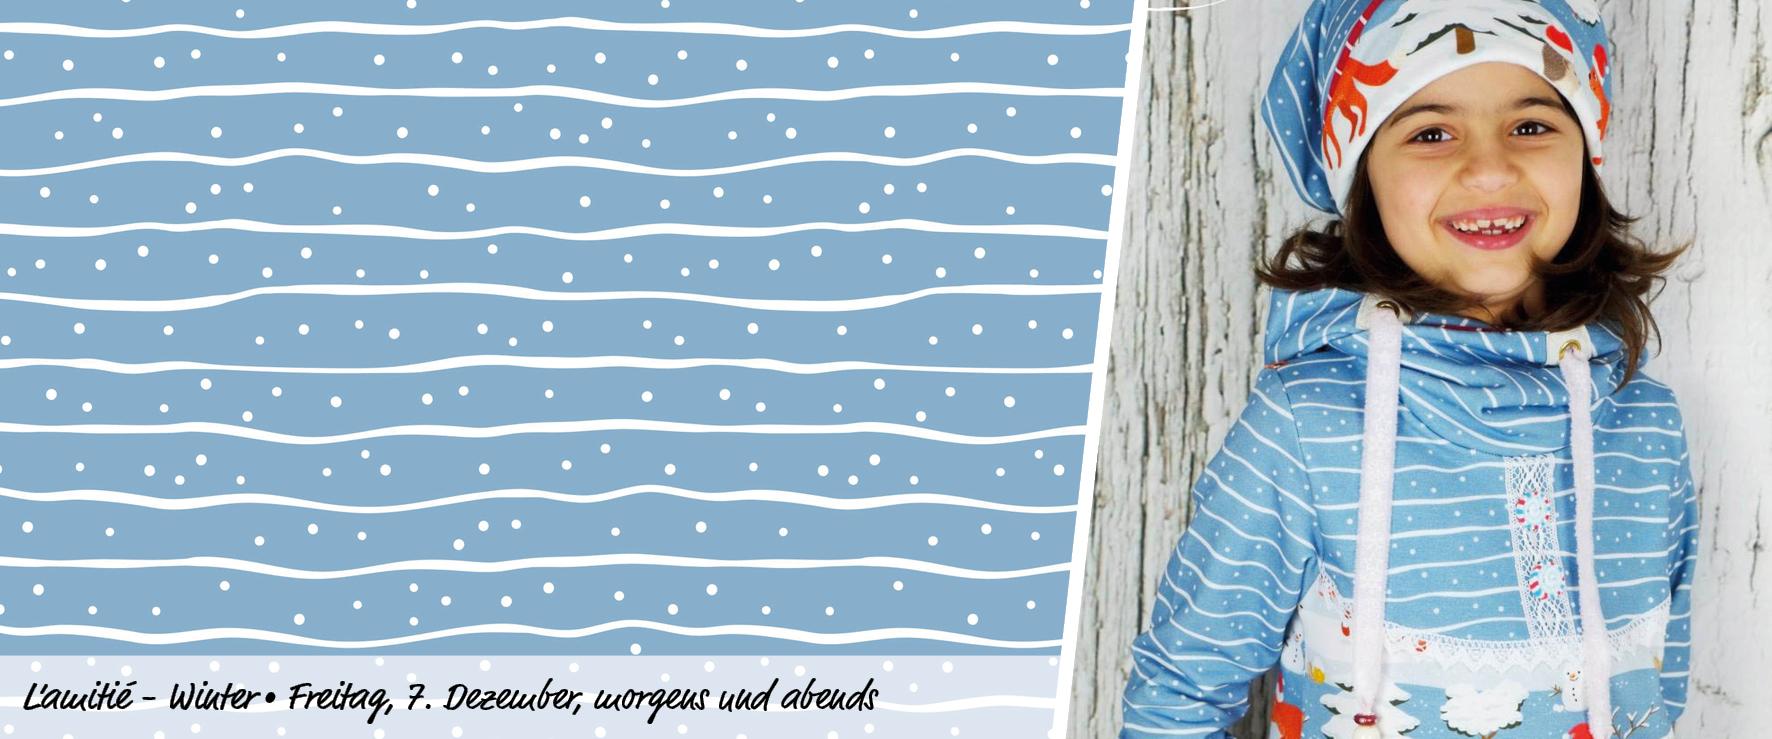 Lamitie Winter 2